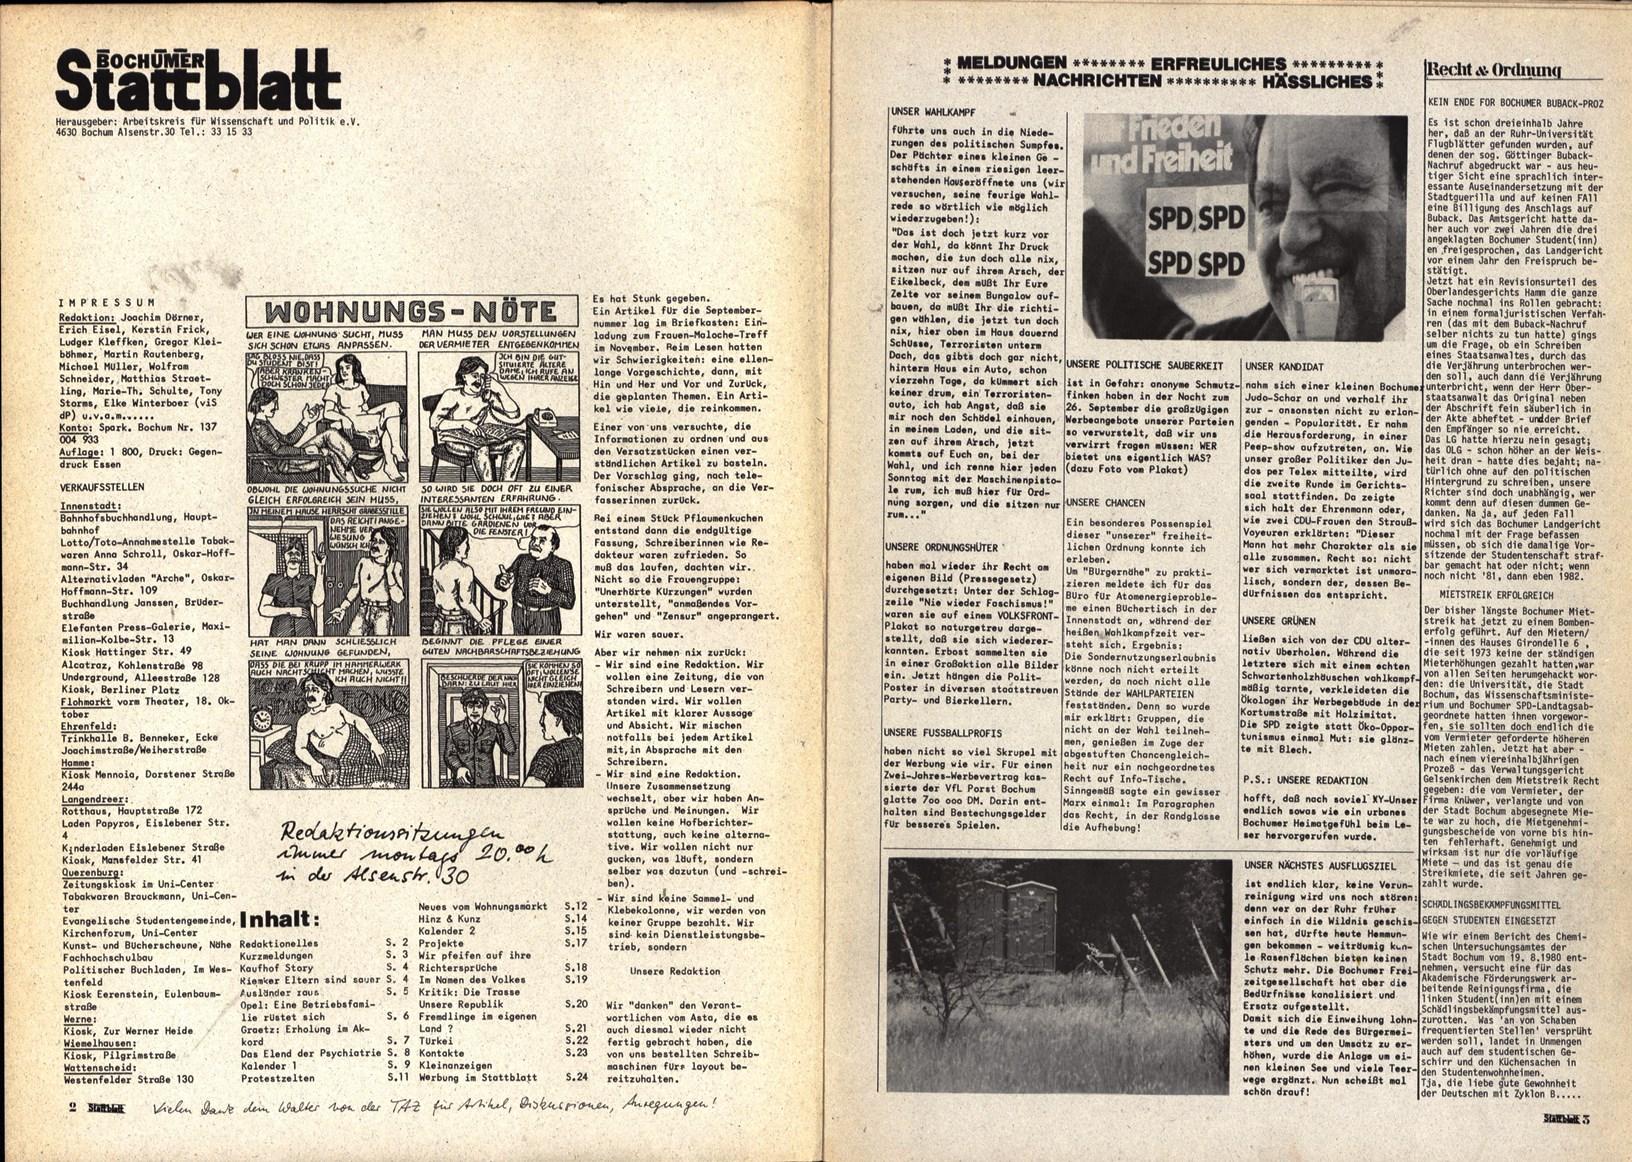 Bochum_Stattblatt_19801000_41_02